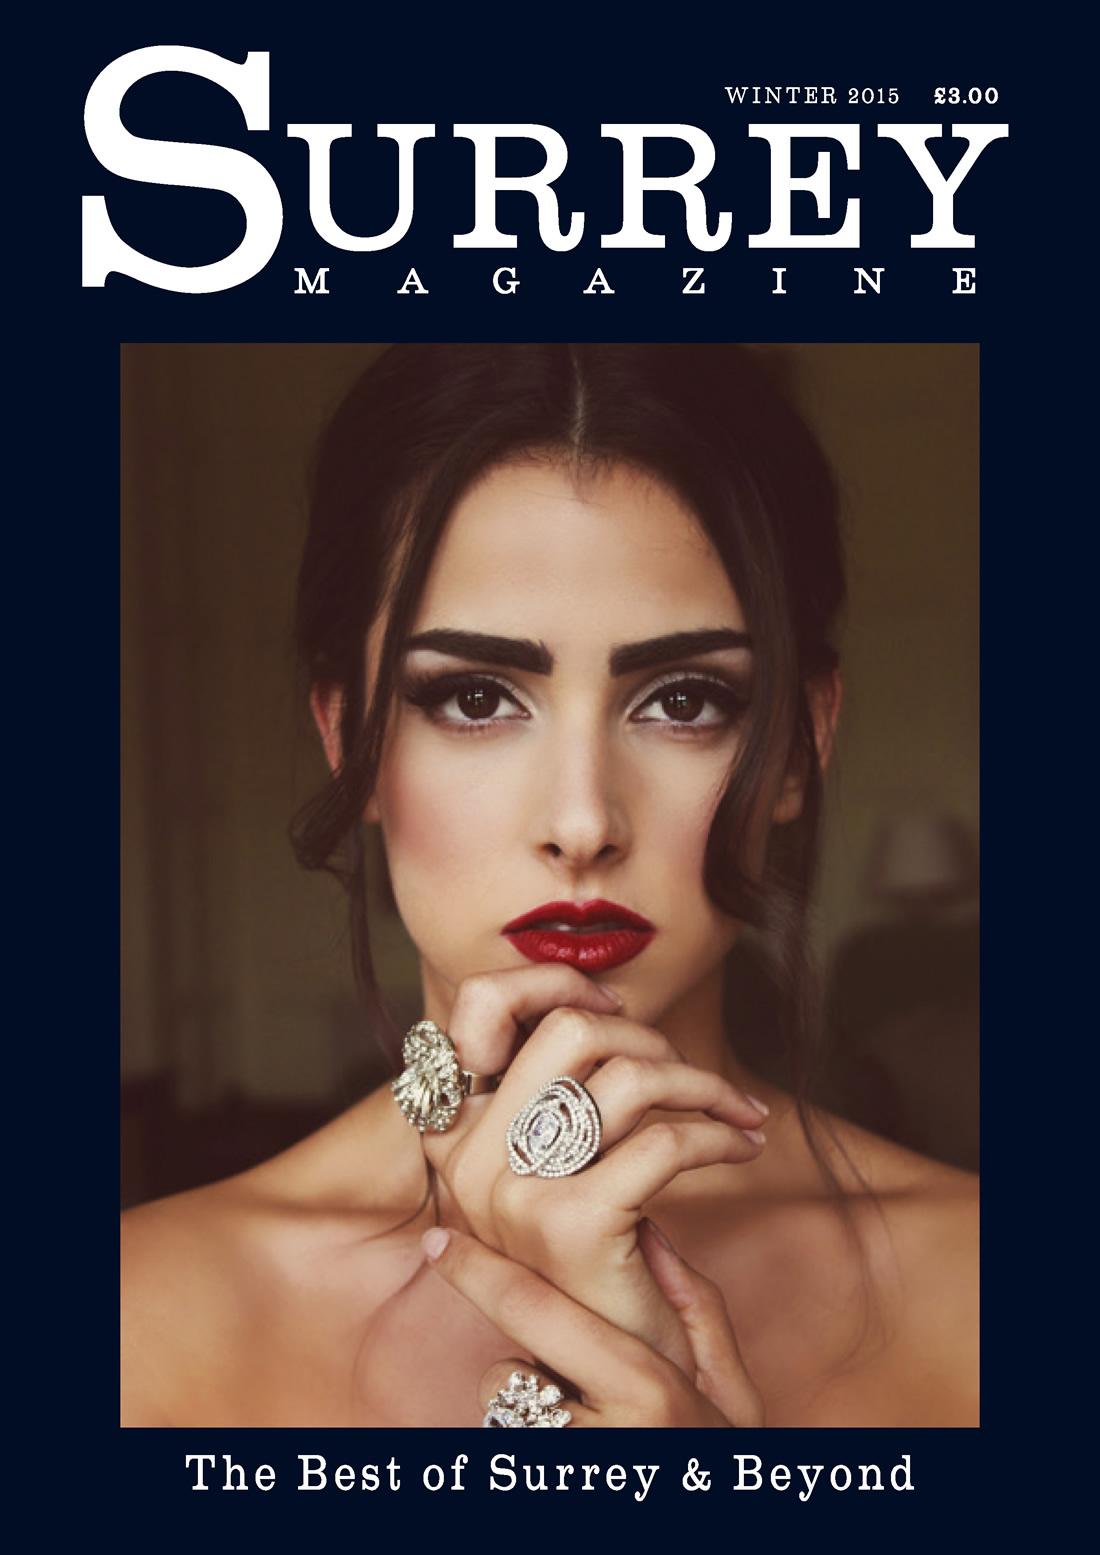 Surrey Magazine Winter 2015